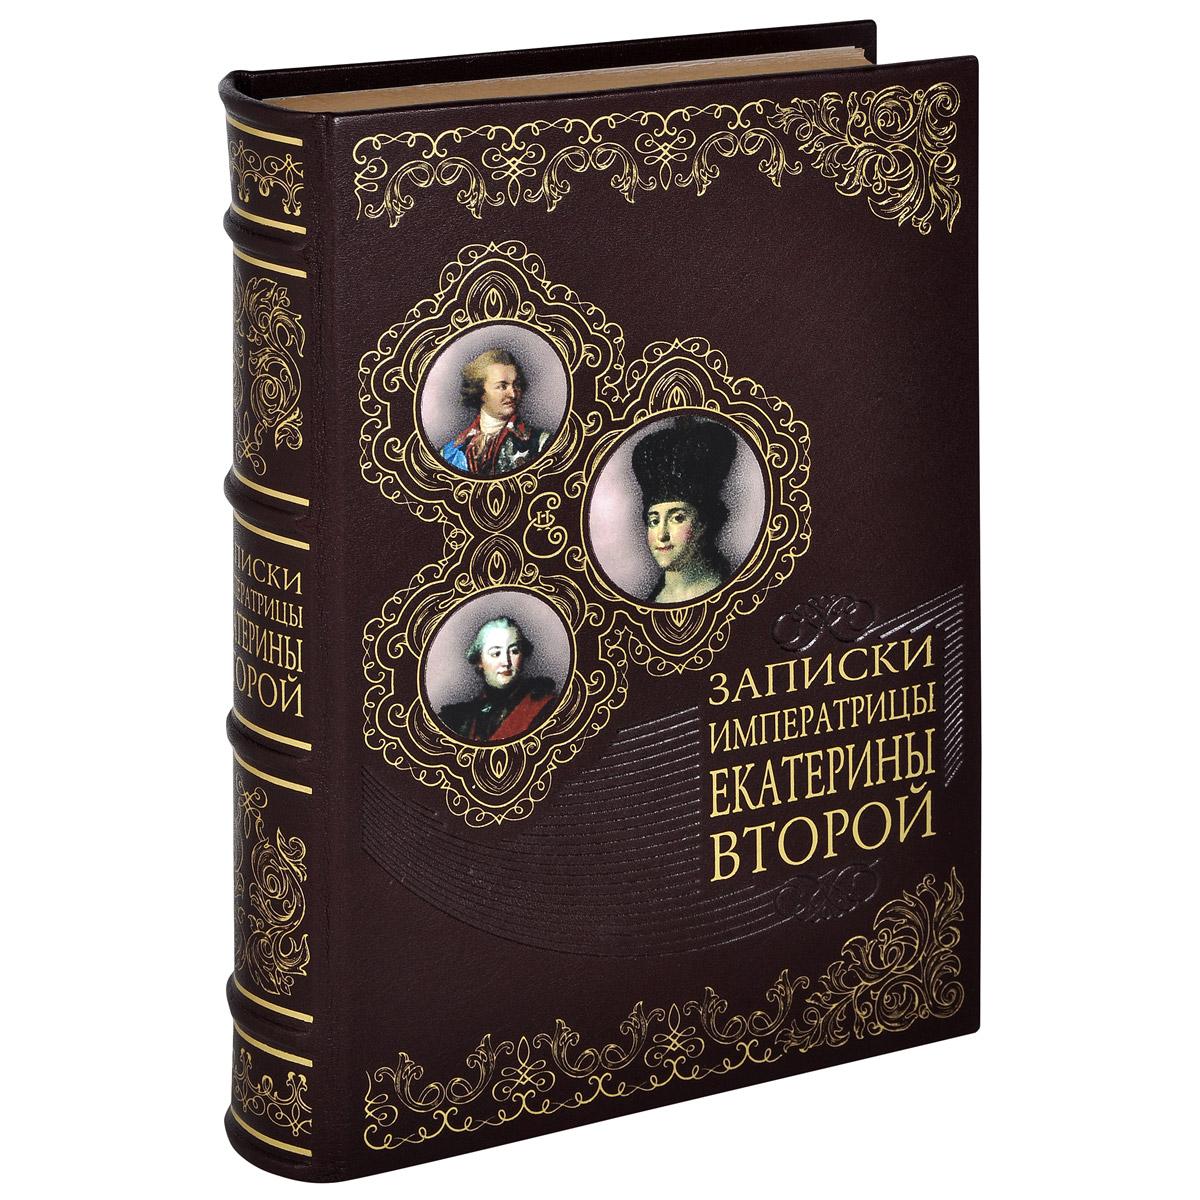 Записки Императрицы Екатерины Второй (эксклюзивное подарочное издание)